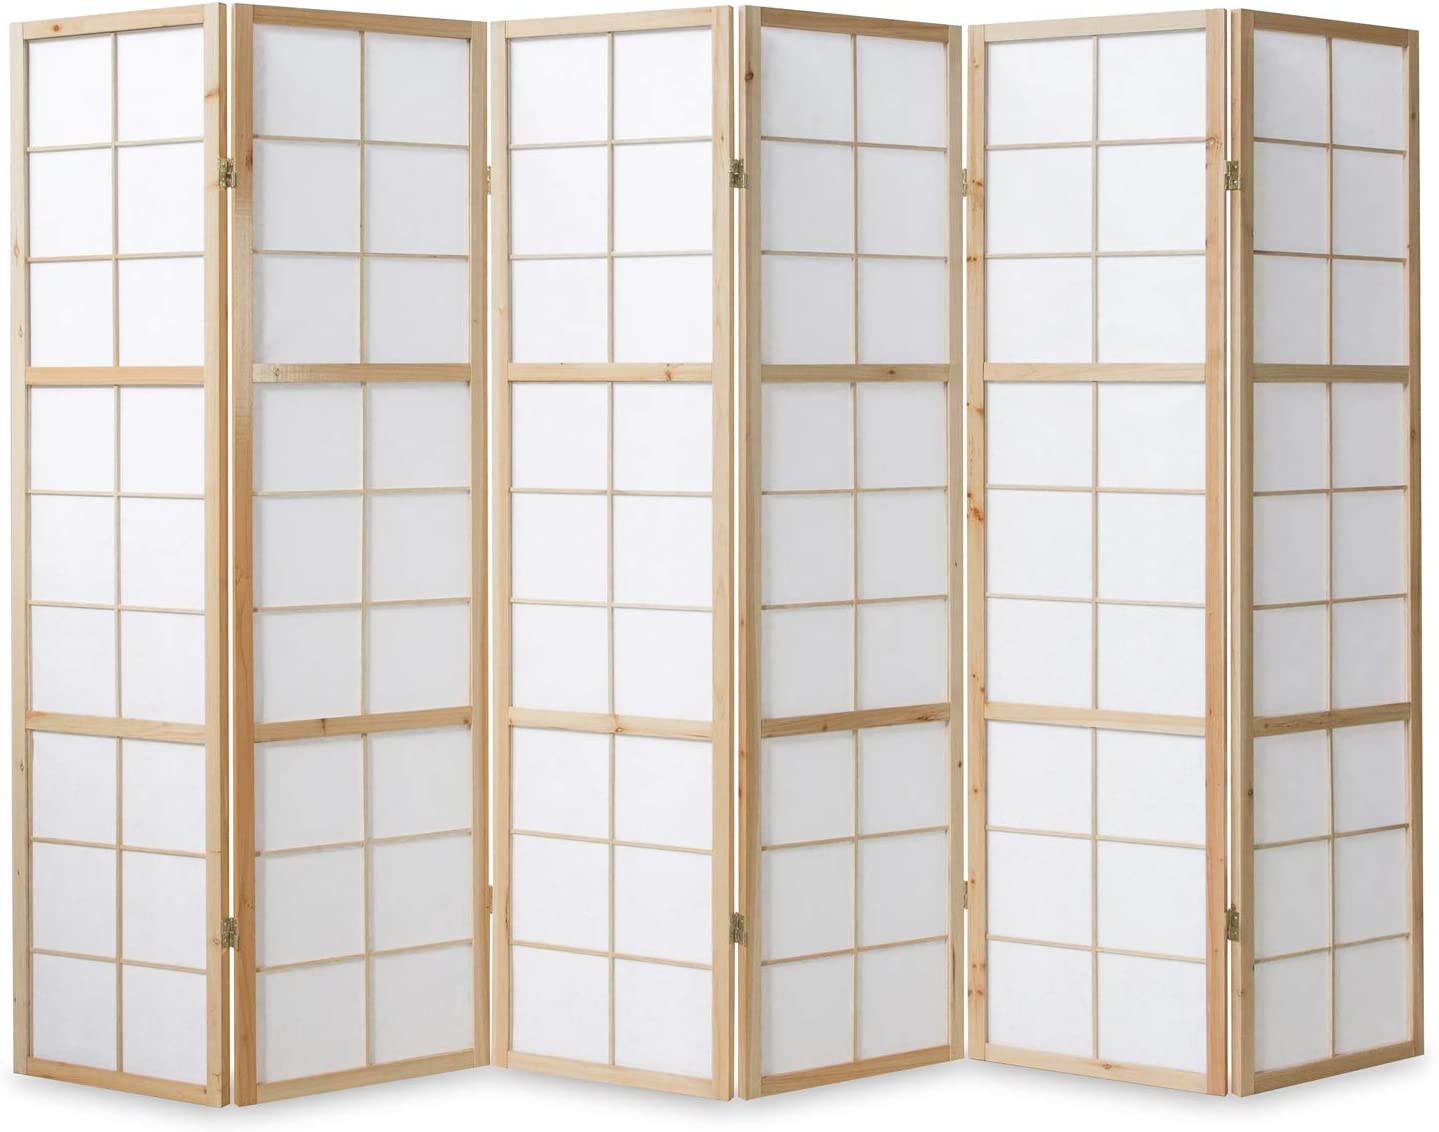 6tlg Paravents Raumteiler Shoji Trennwand in natur Sichtschutz Spanische Wand